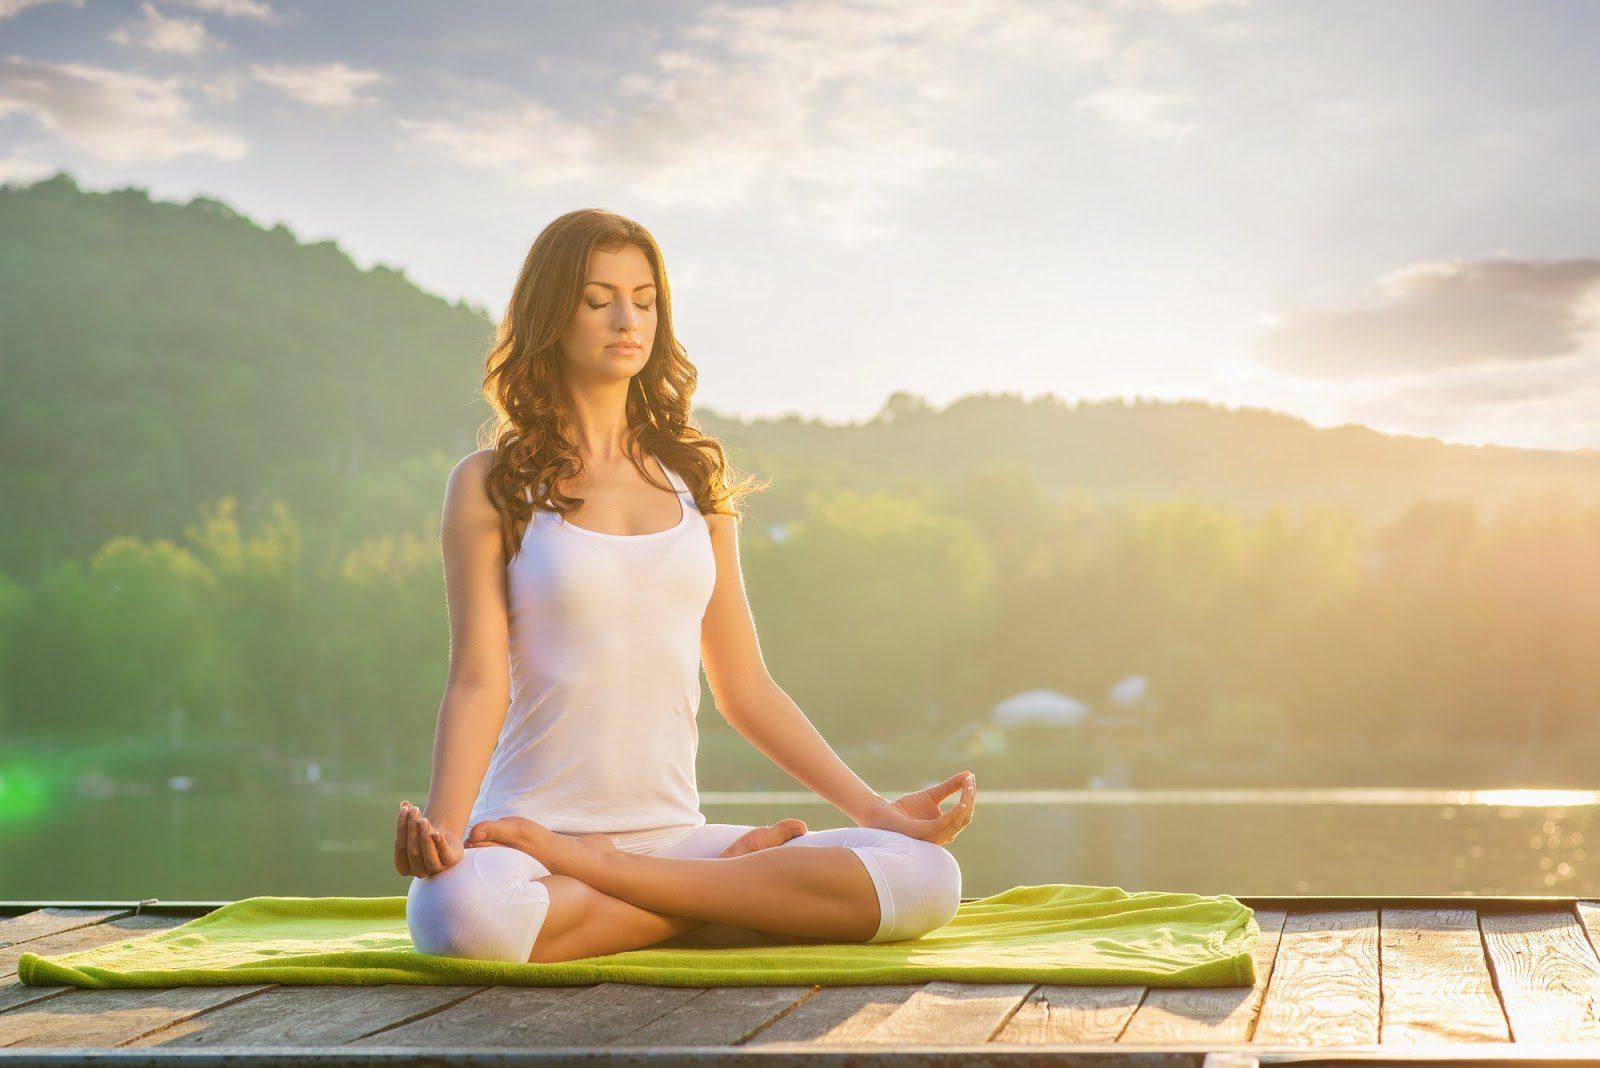 Khi cảm thấy kiệt sức do không được nghỉ ngơi trong thời gian dài bạn hãy tập yoga thiền